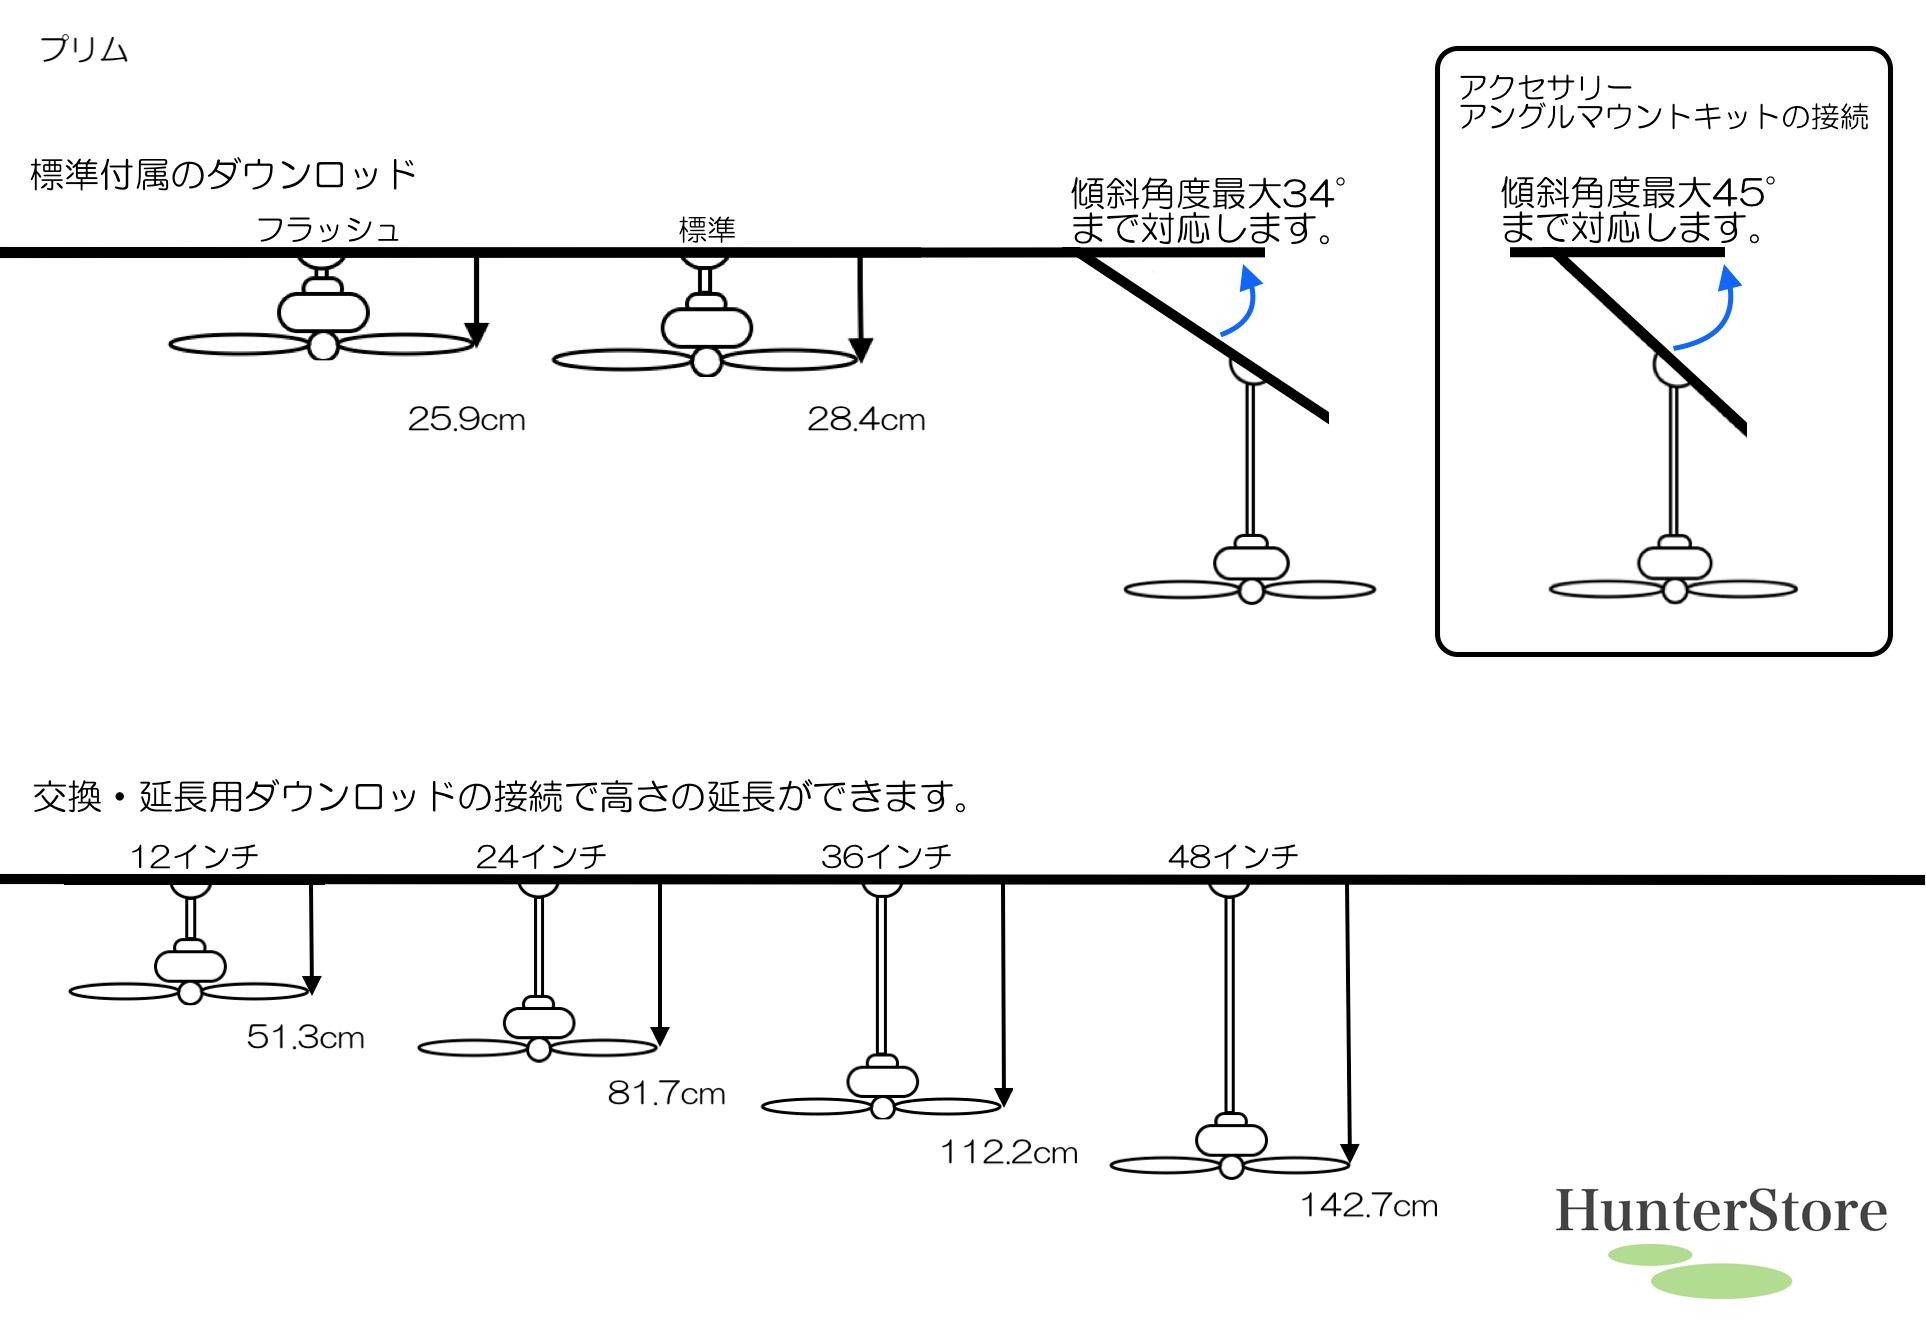 プリム 照明キット無【壁コントローラ・36㌅91cmダウンロッド付】 - 画像2